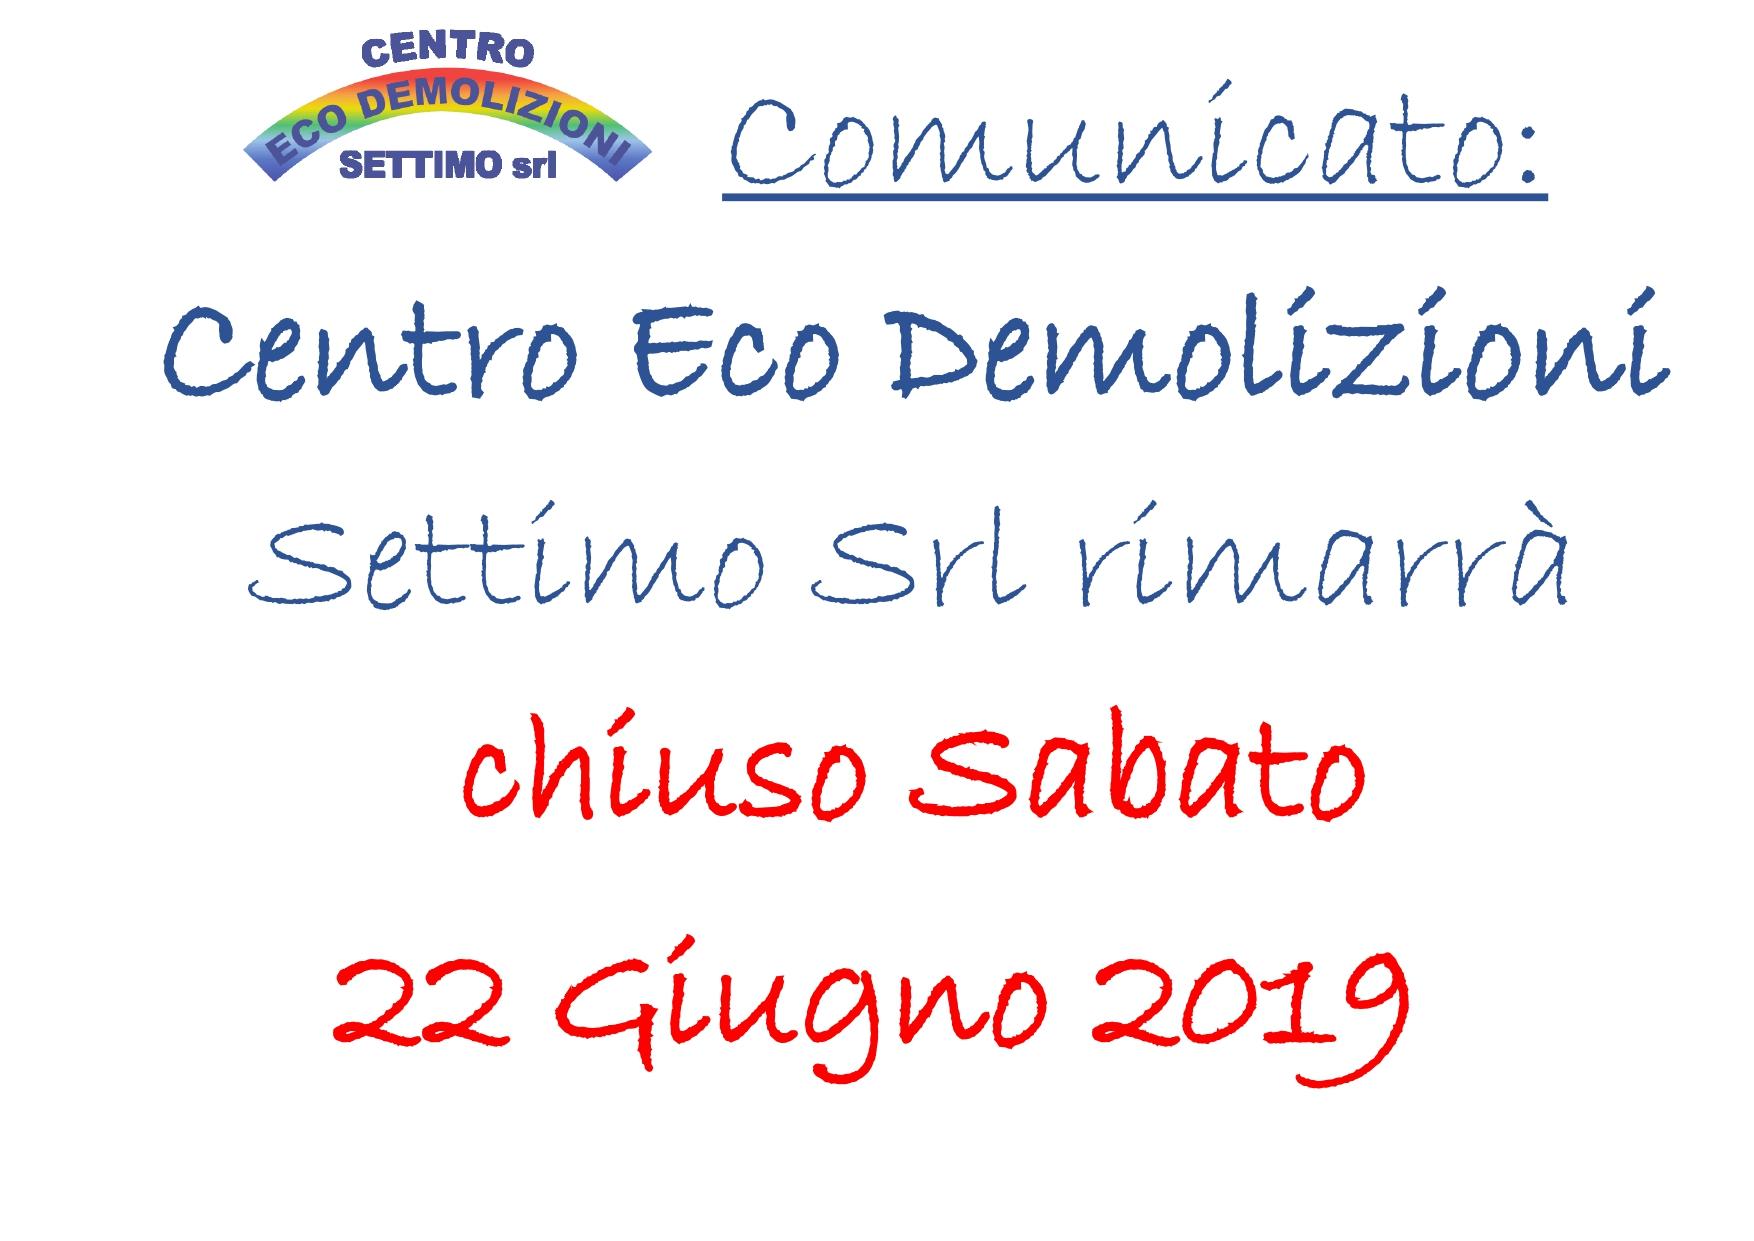 Comunicato_page-0001